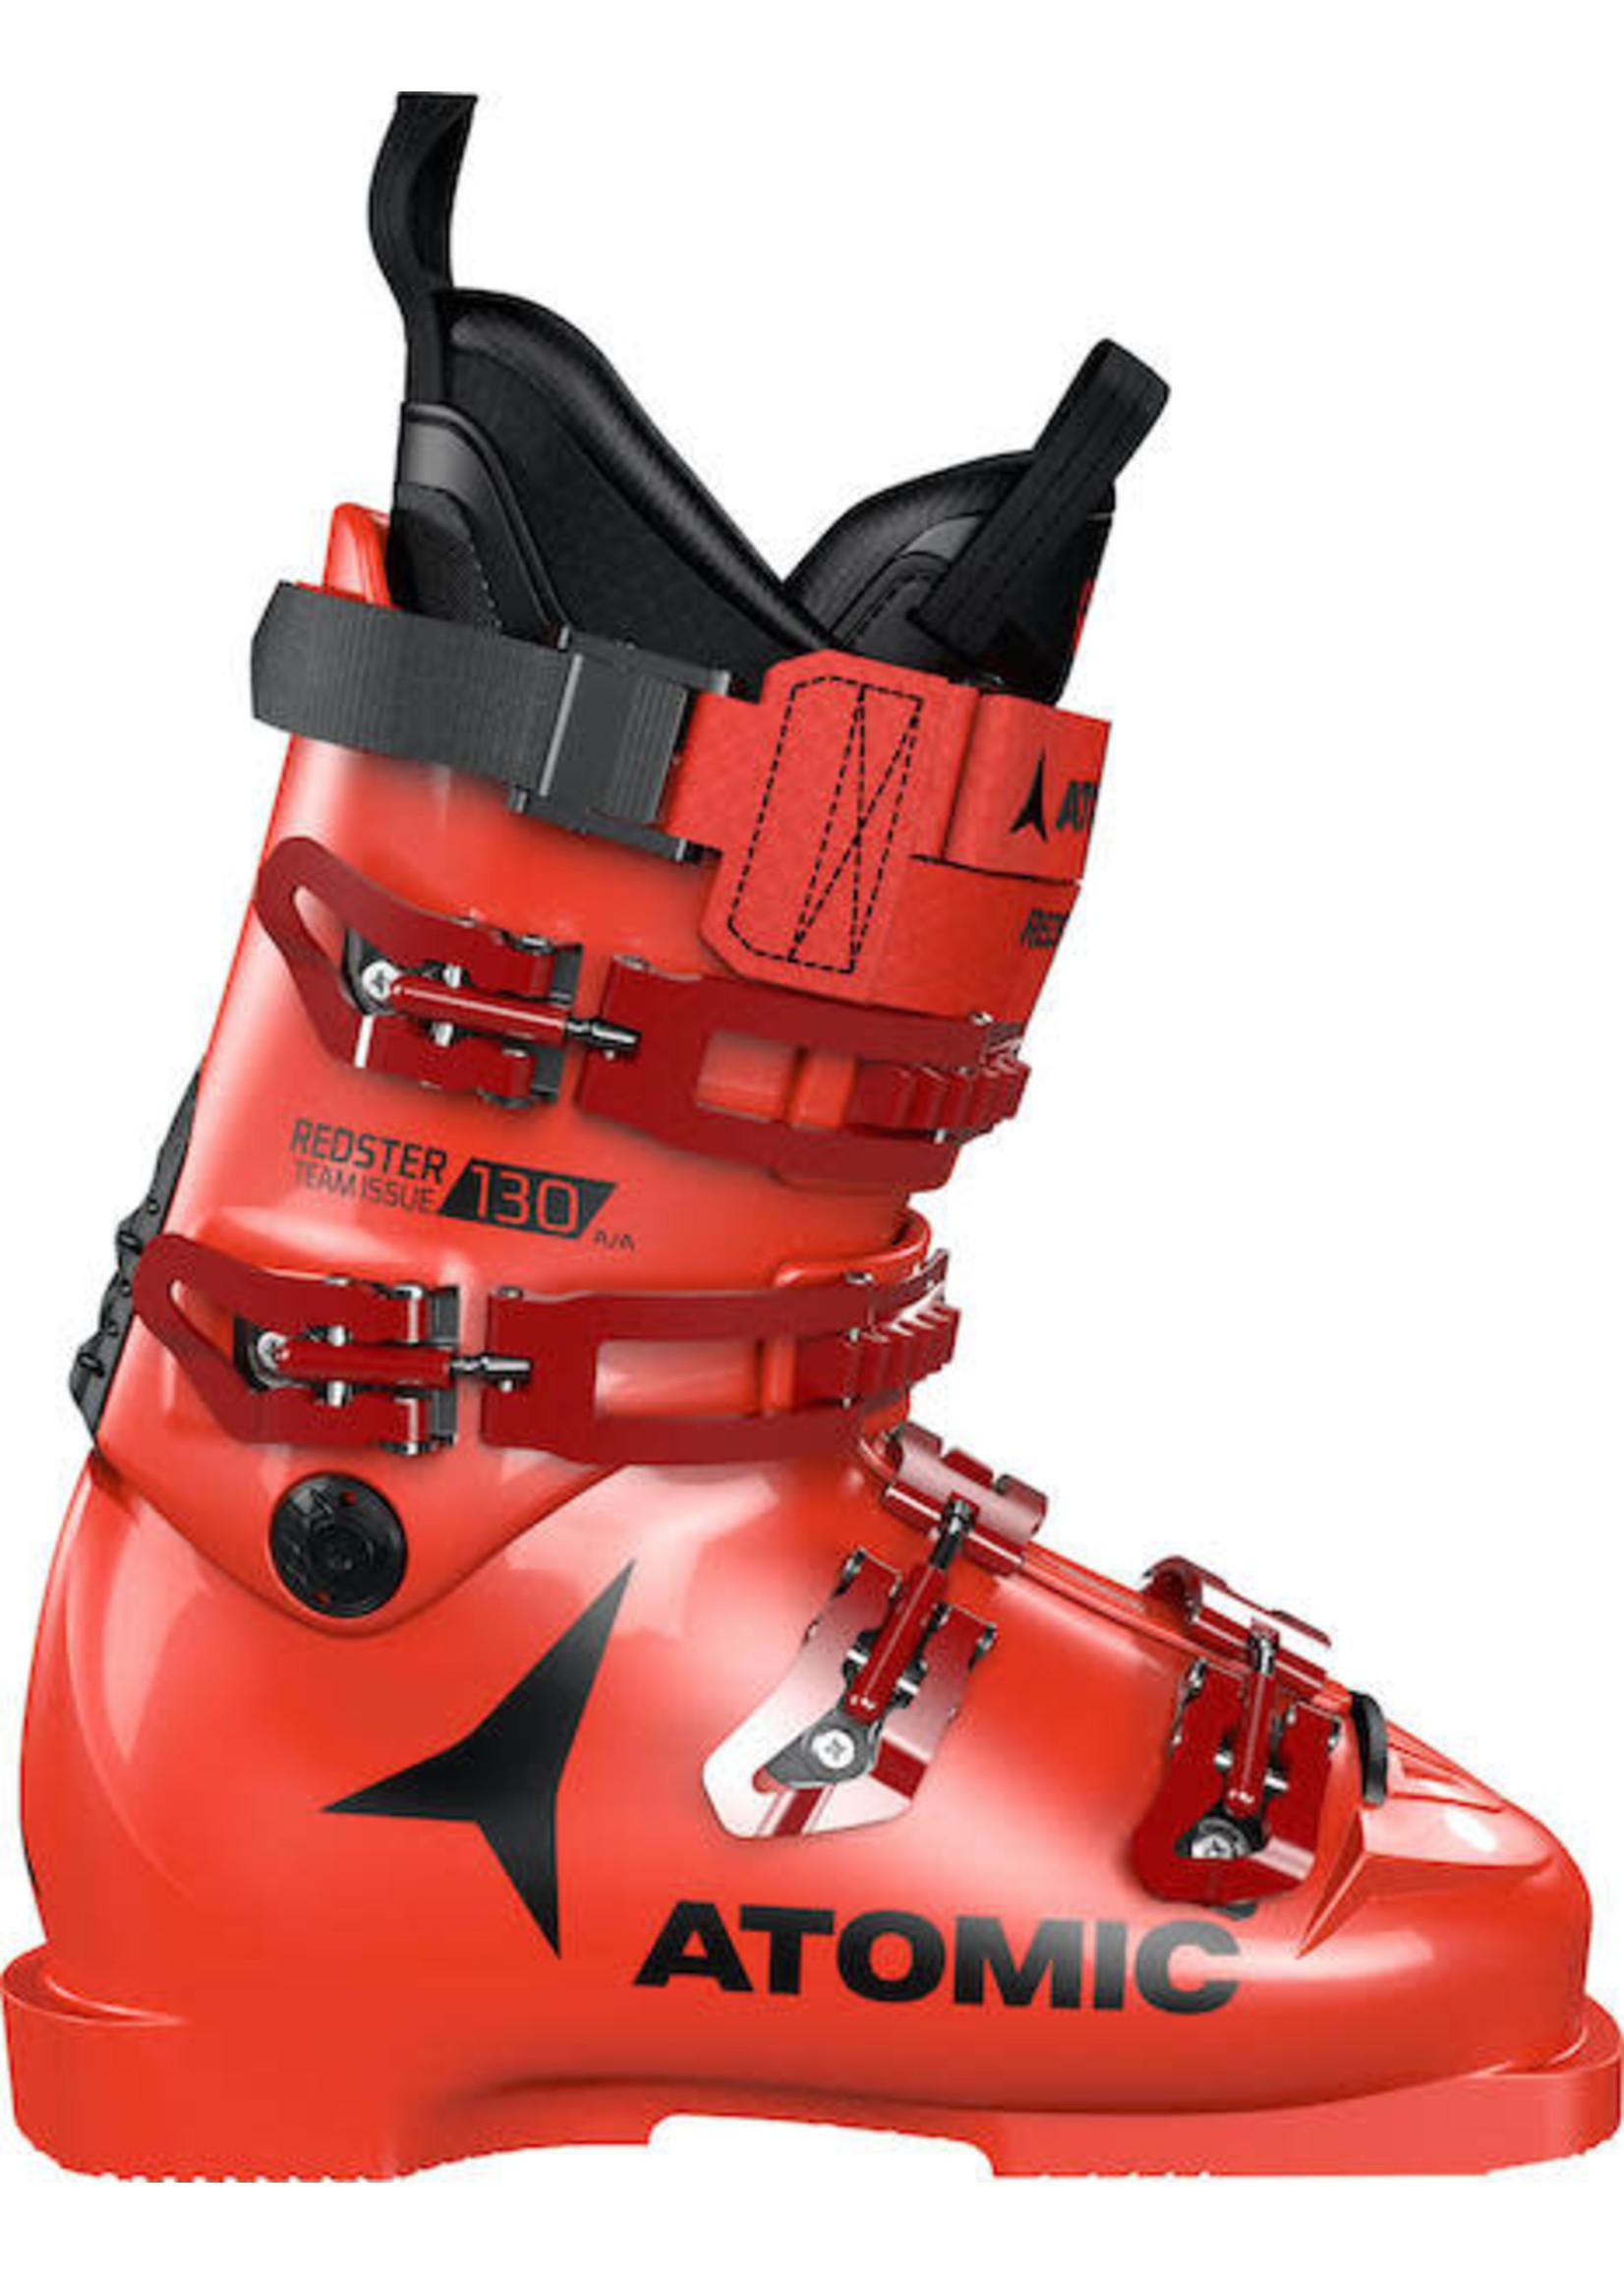 Atomic Race Boot RED Ti 130